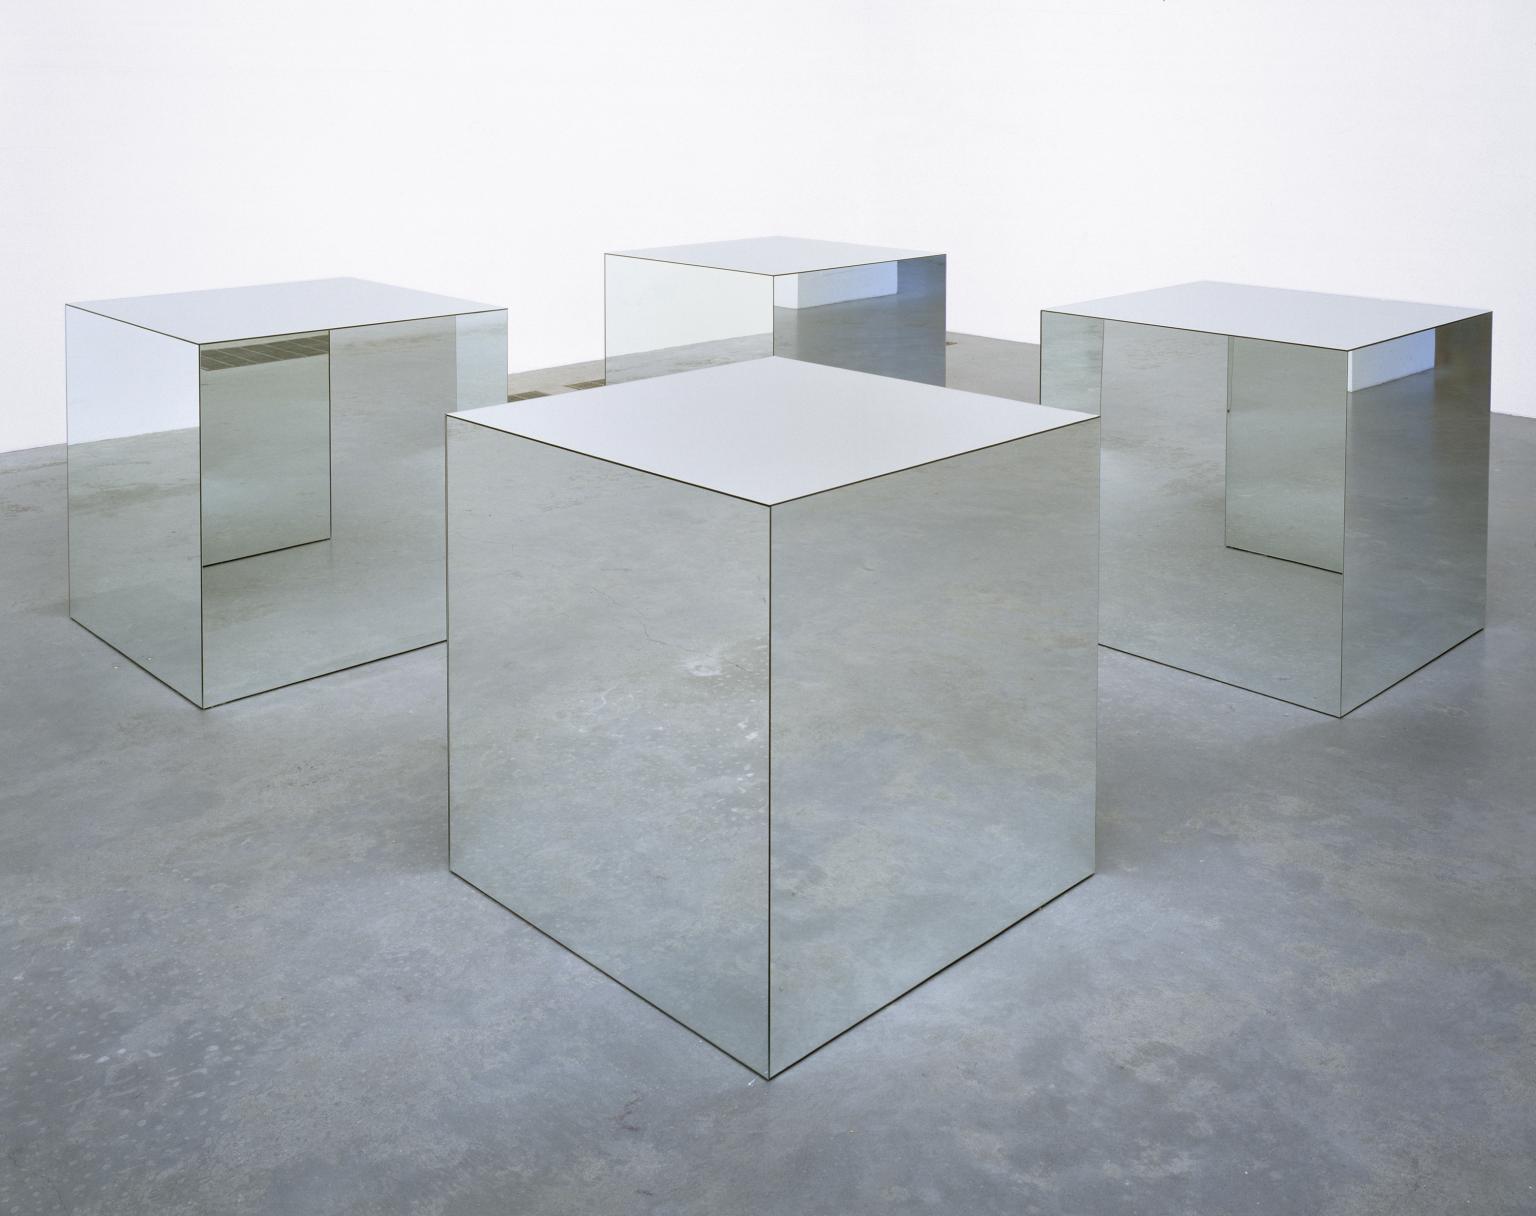 Minimalizm w sztuce Robert Morris